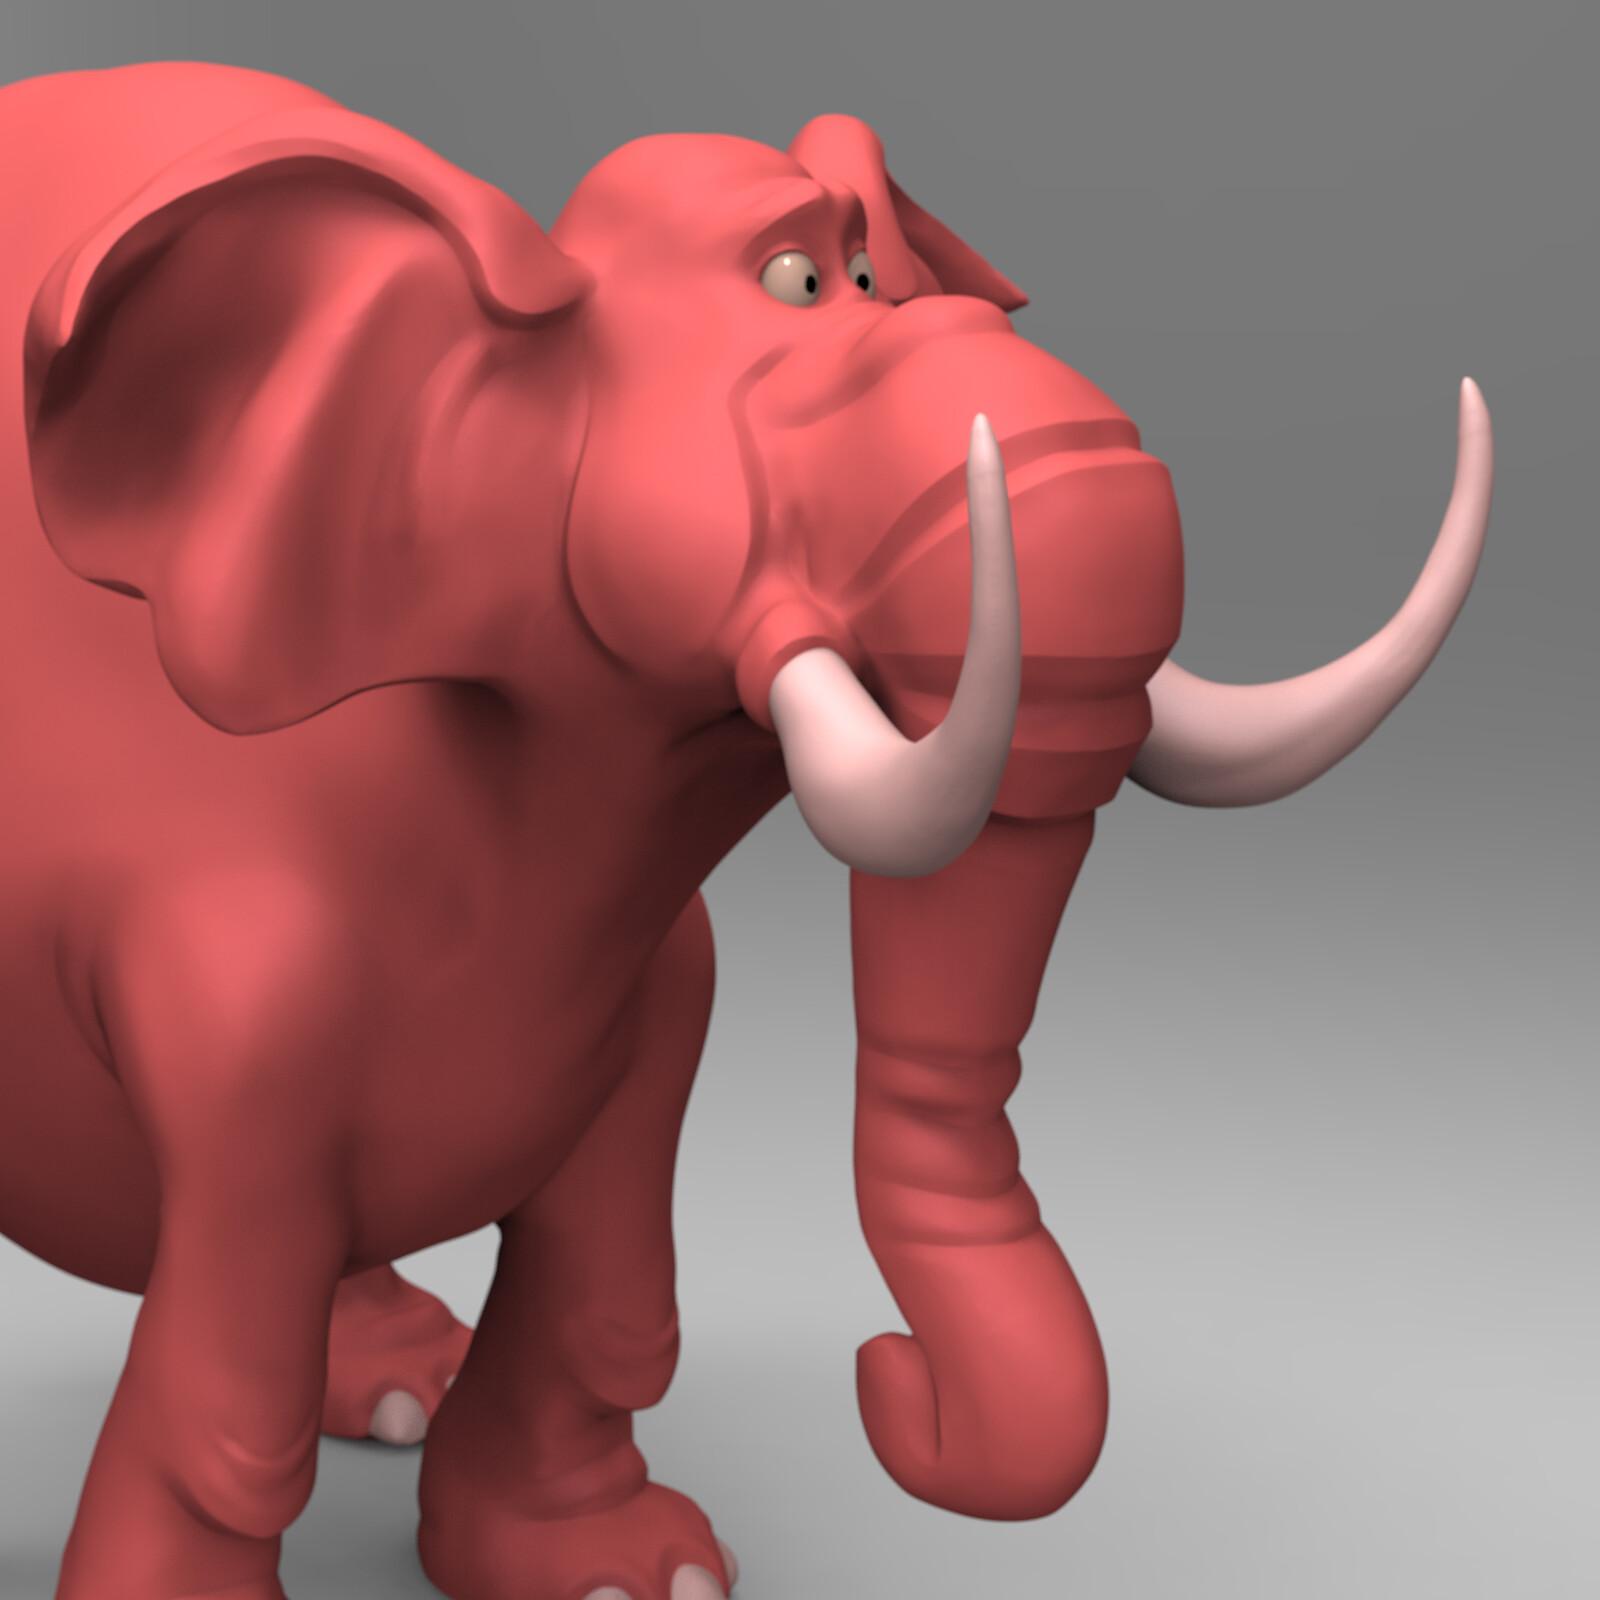 Toon Elephant Concept